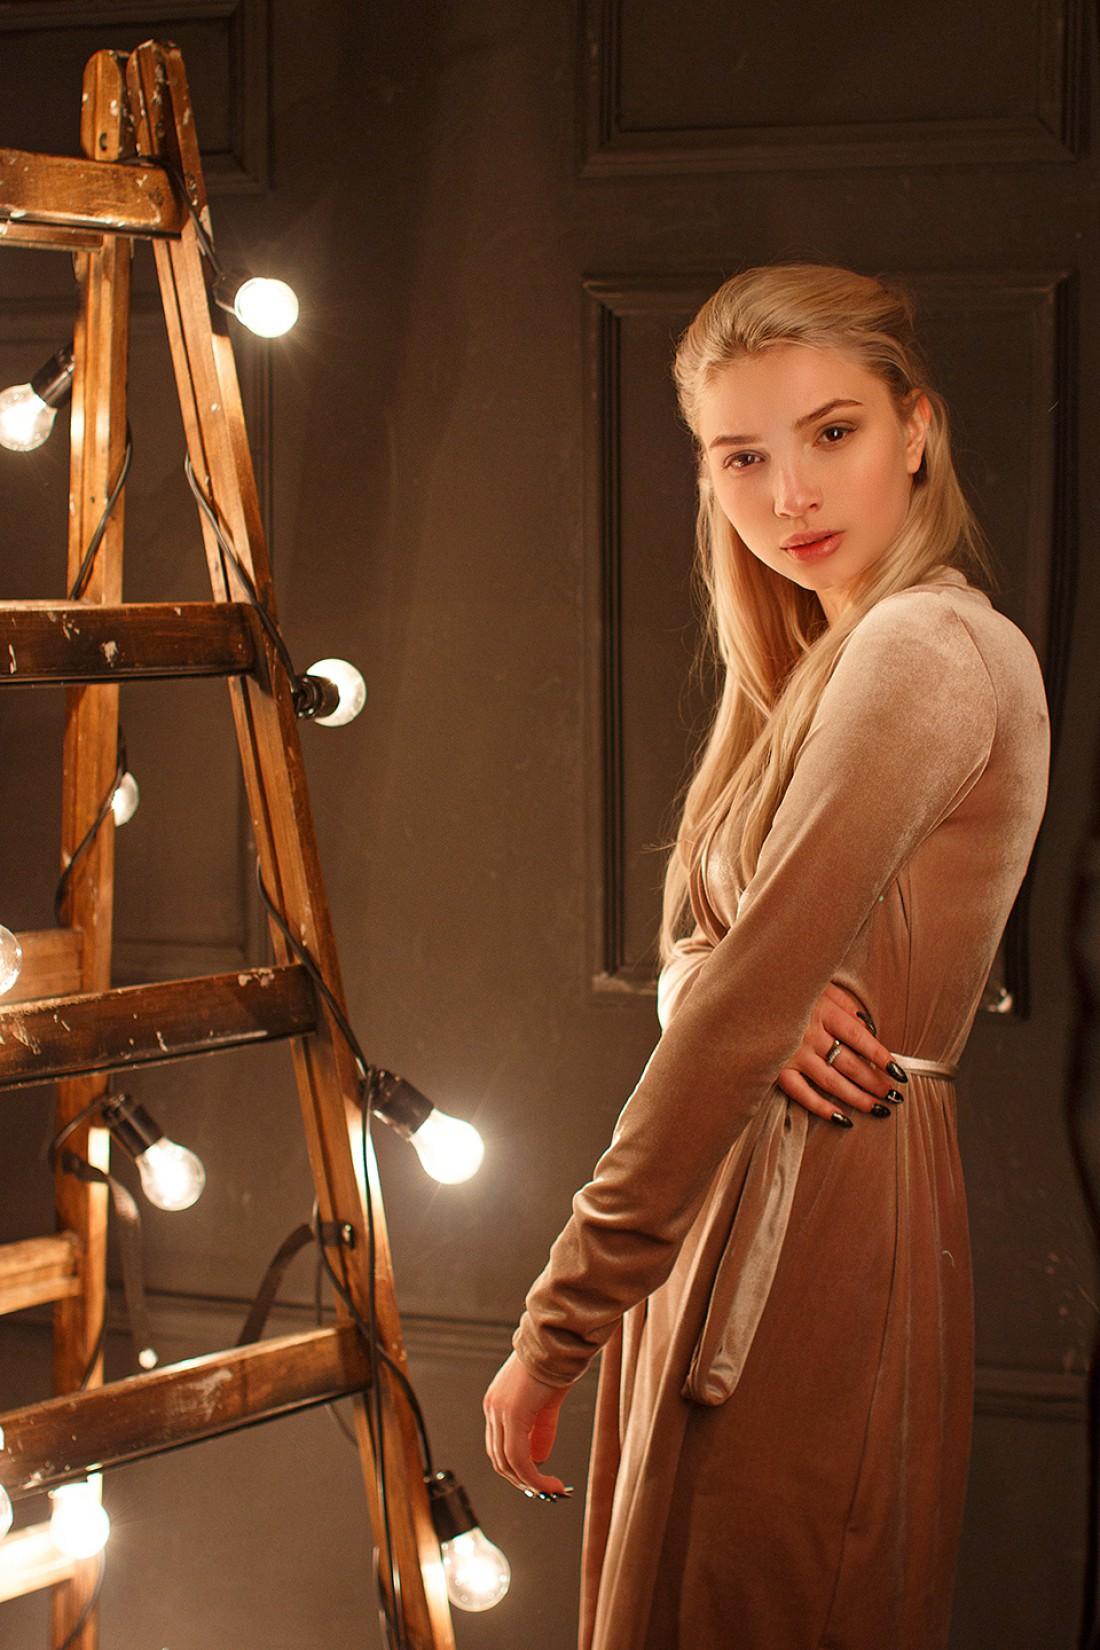 Украинский бренд ONE'S LV: стильно, модно и очень недорого картинки